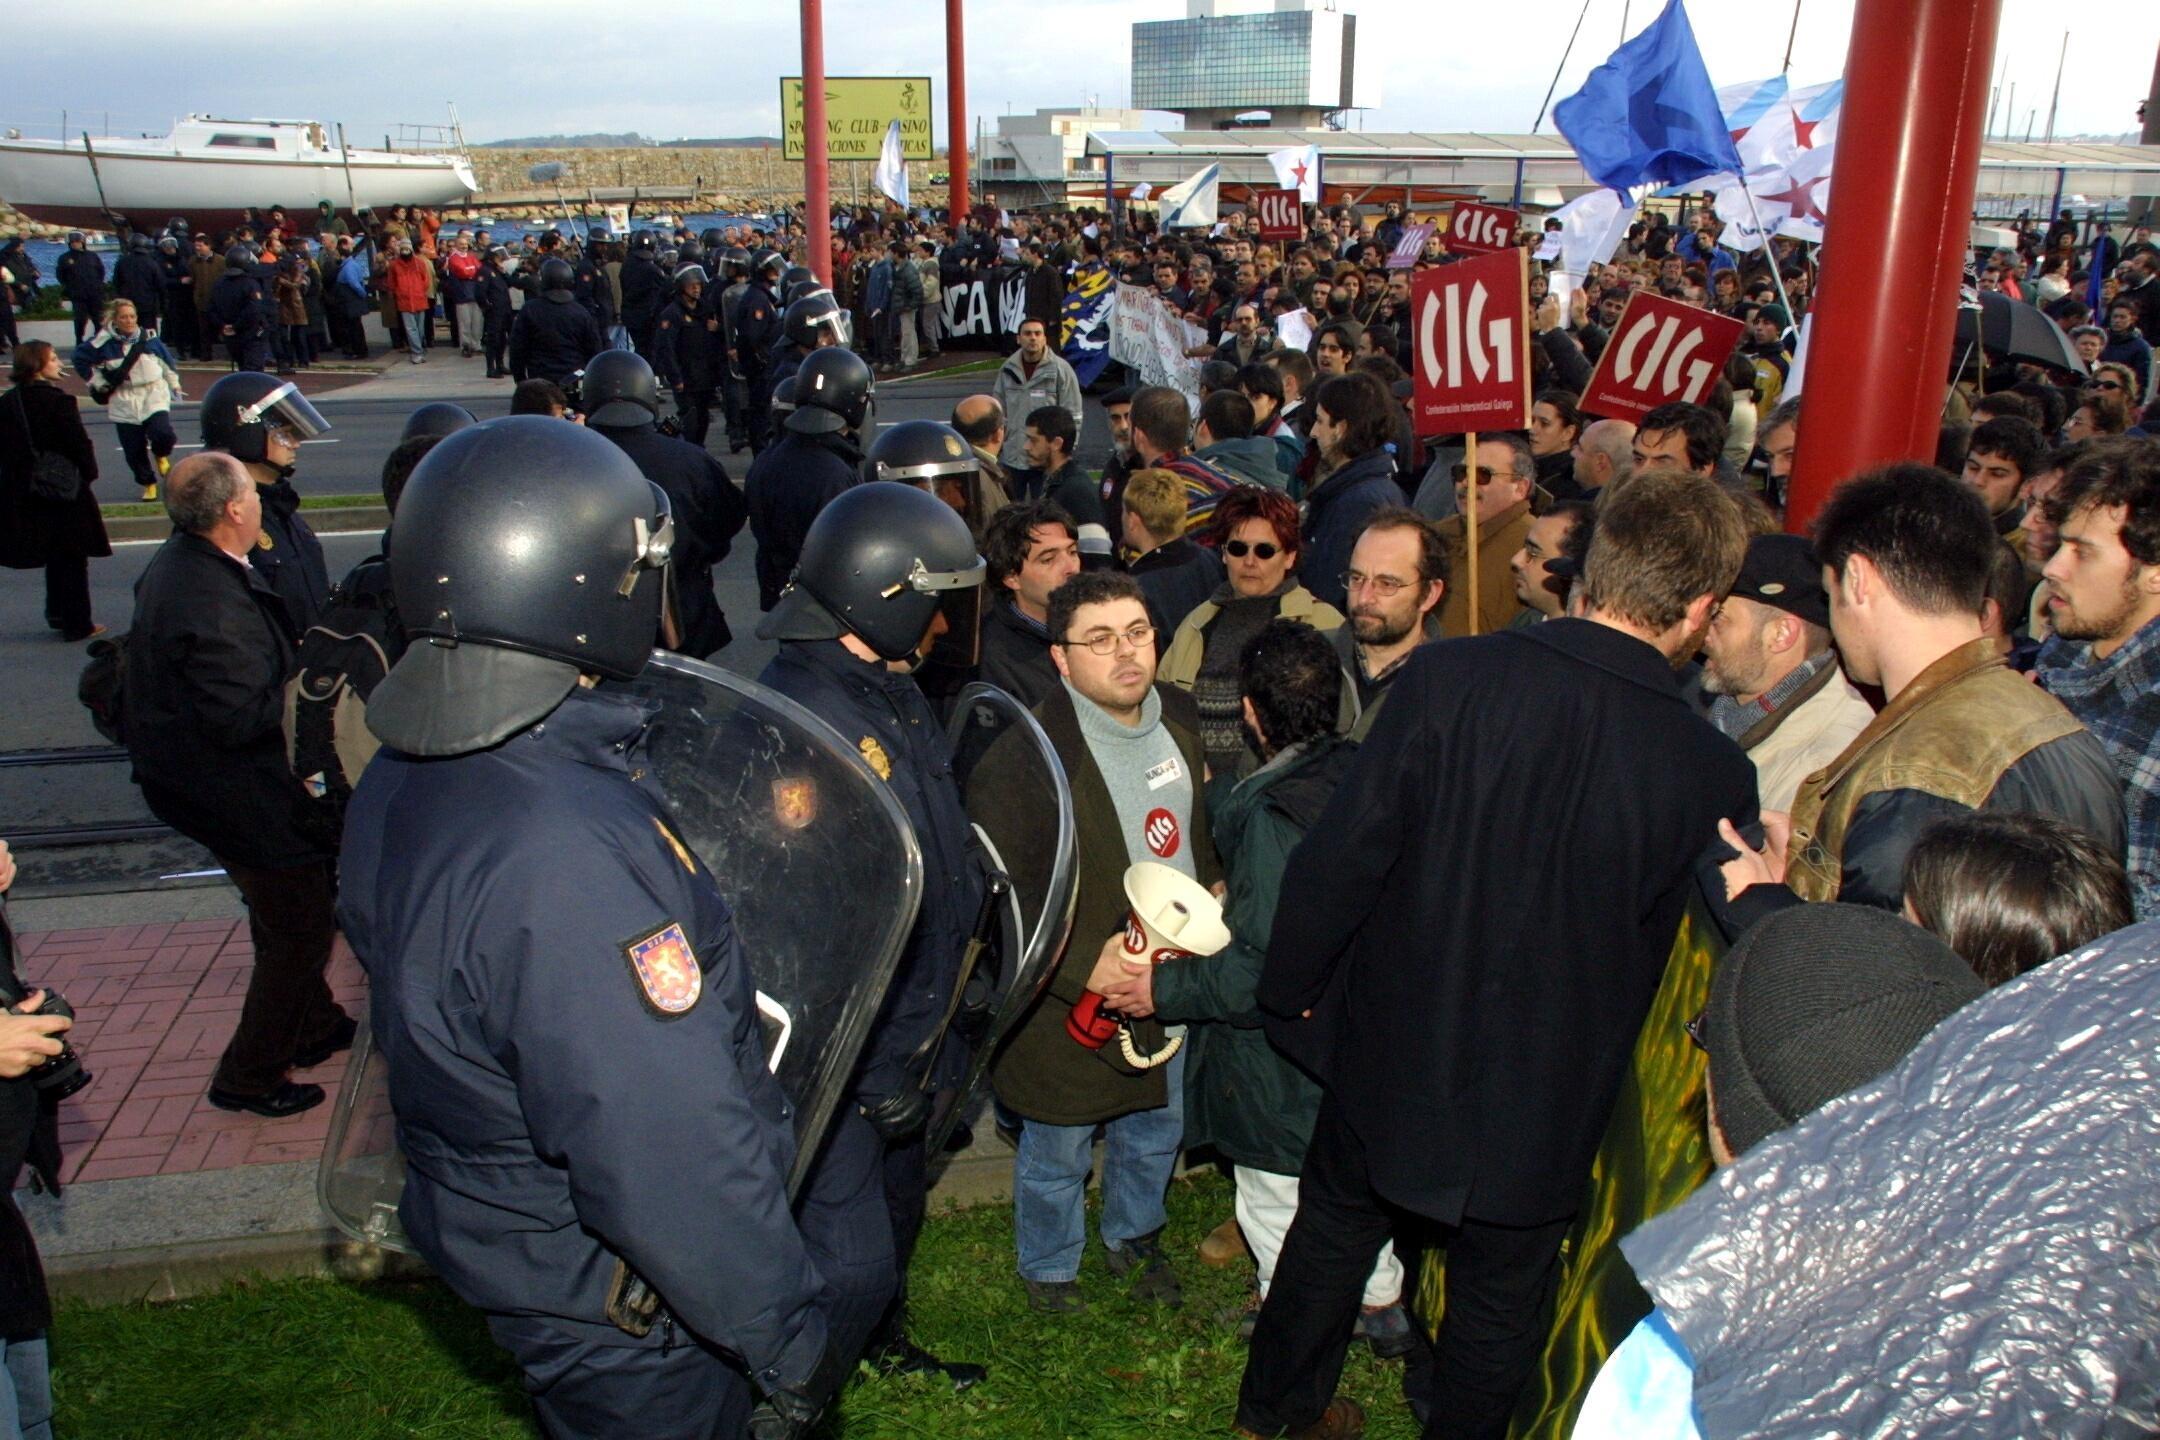 Policías y manifestantes, junto a la torre de control del puerto de A Coruña. <br><b>Xosé Castro</b>